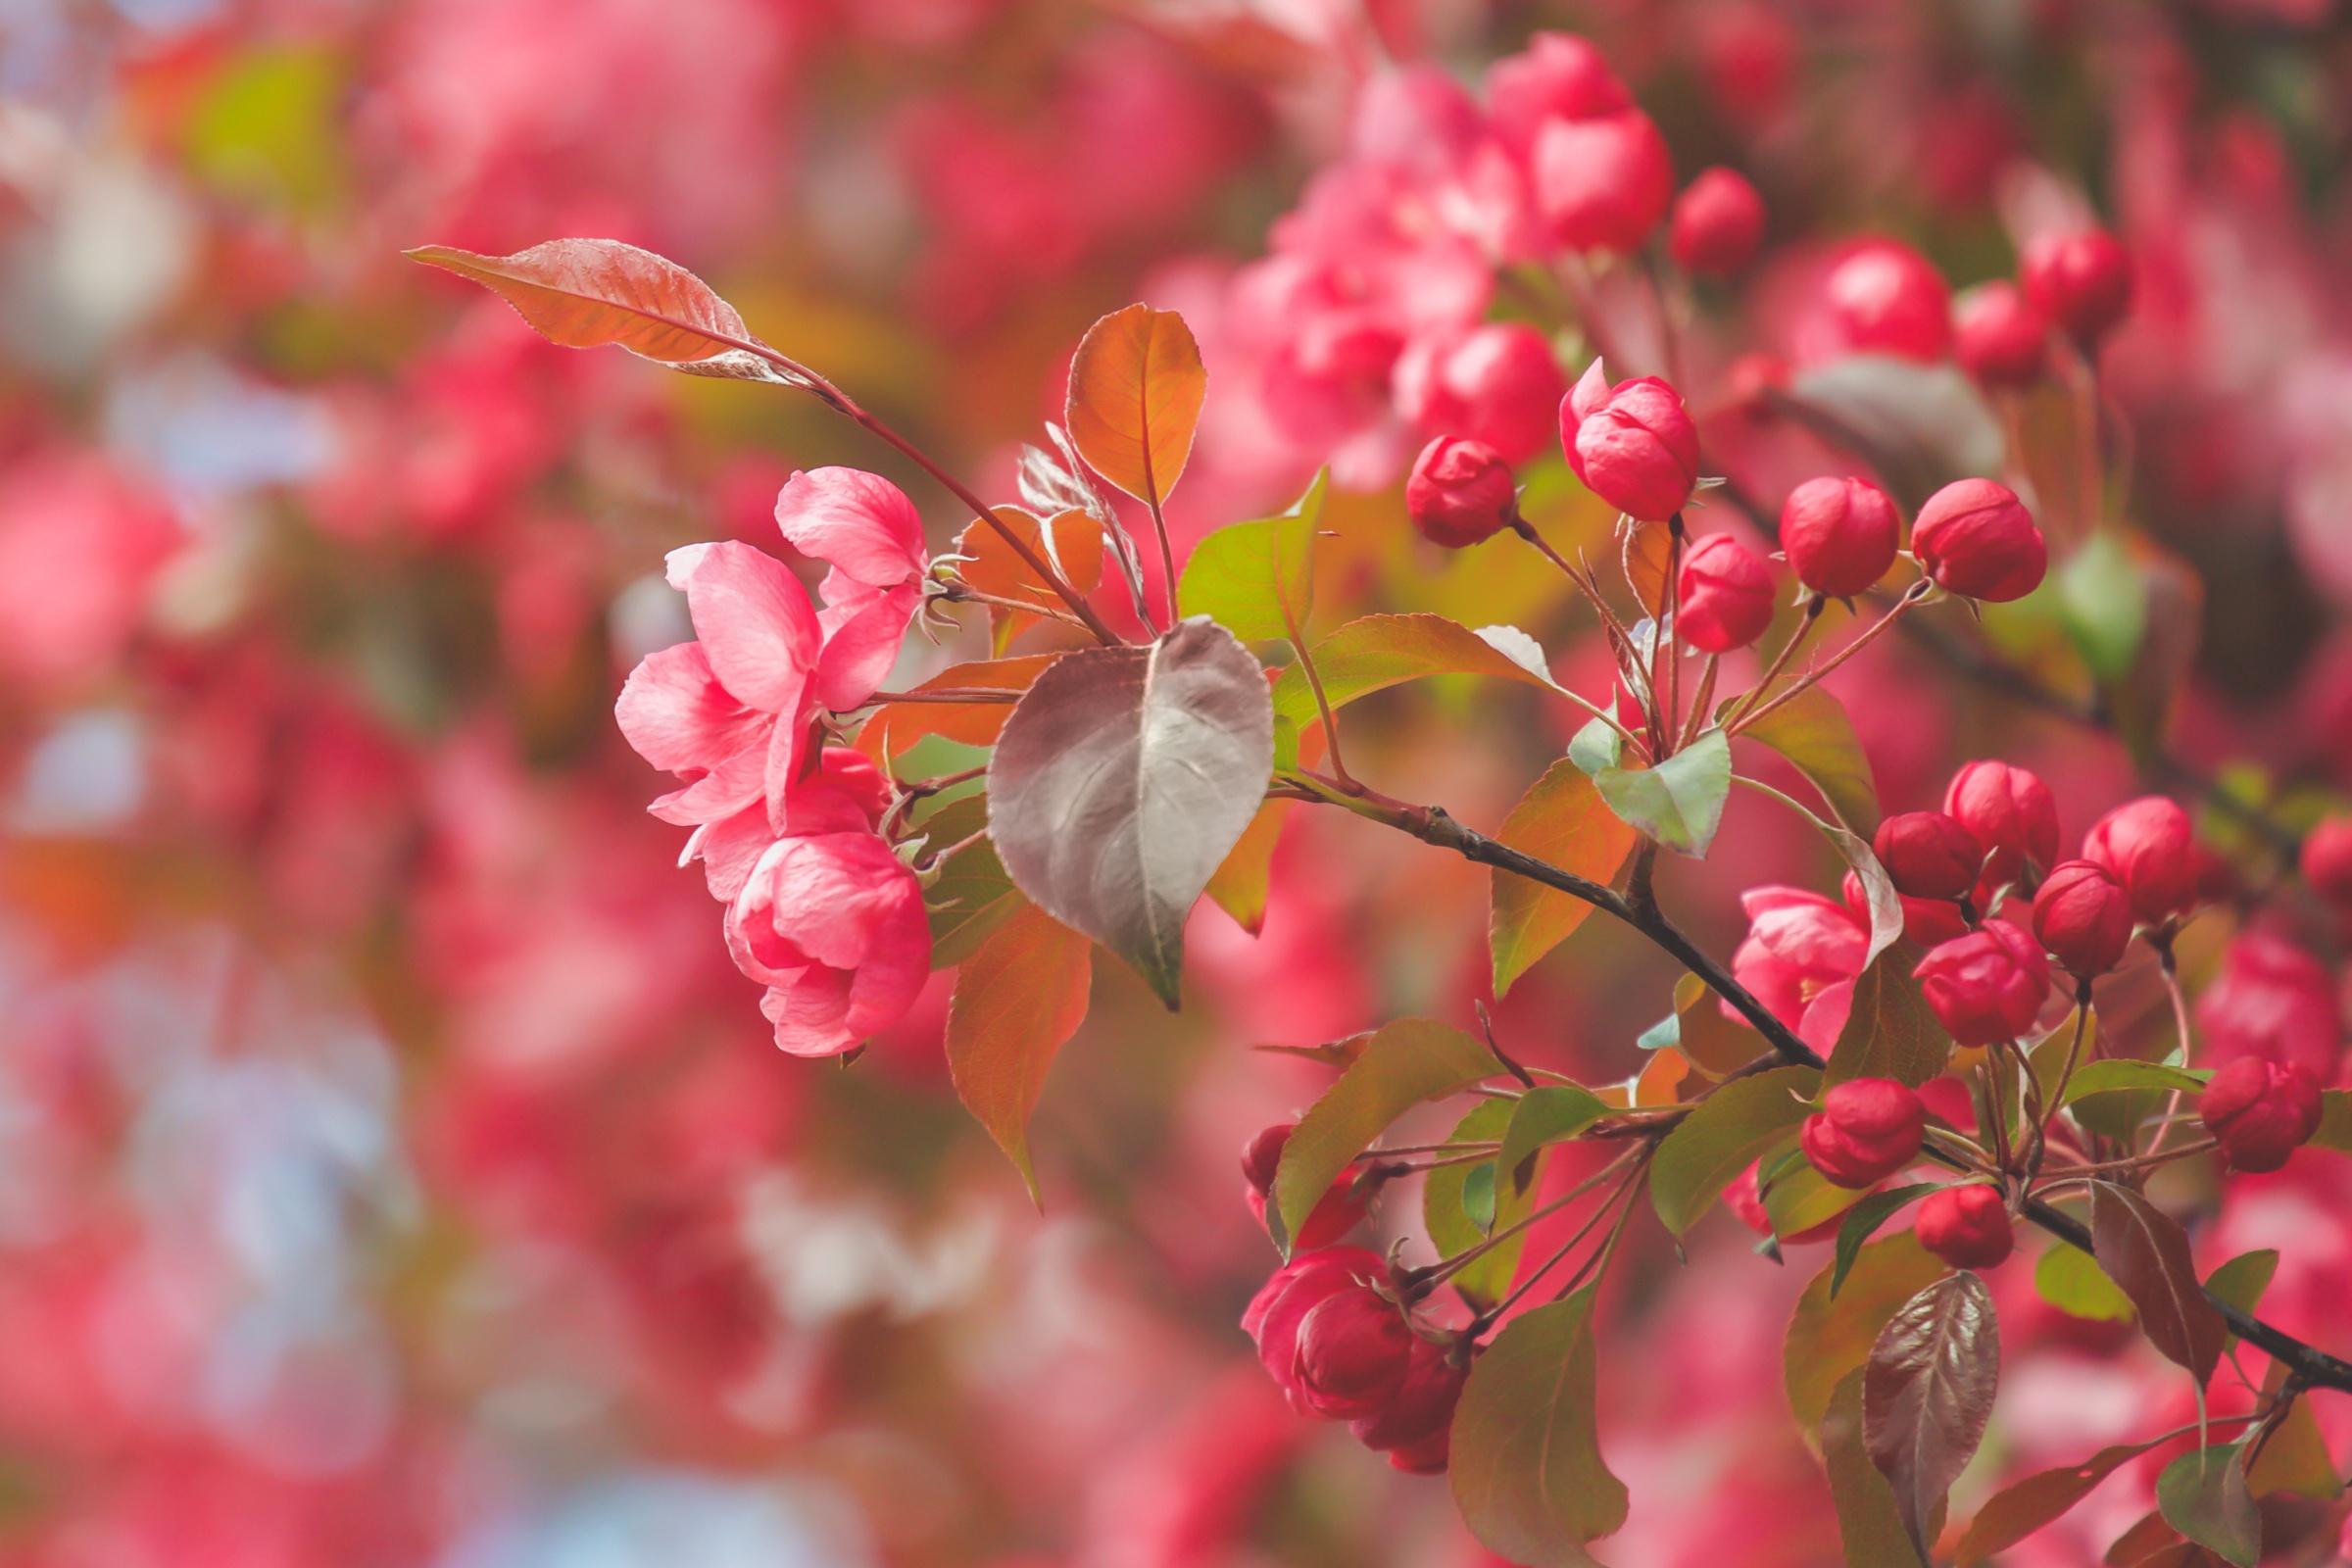 обои для рабочего стола цветущие яблони № 239670 загрузить